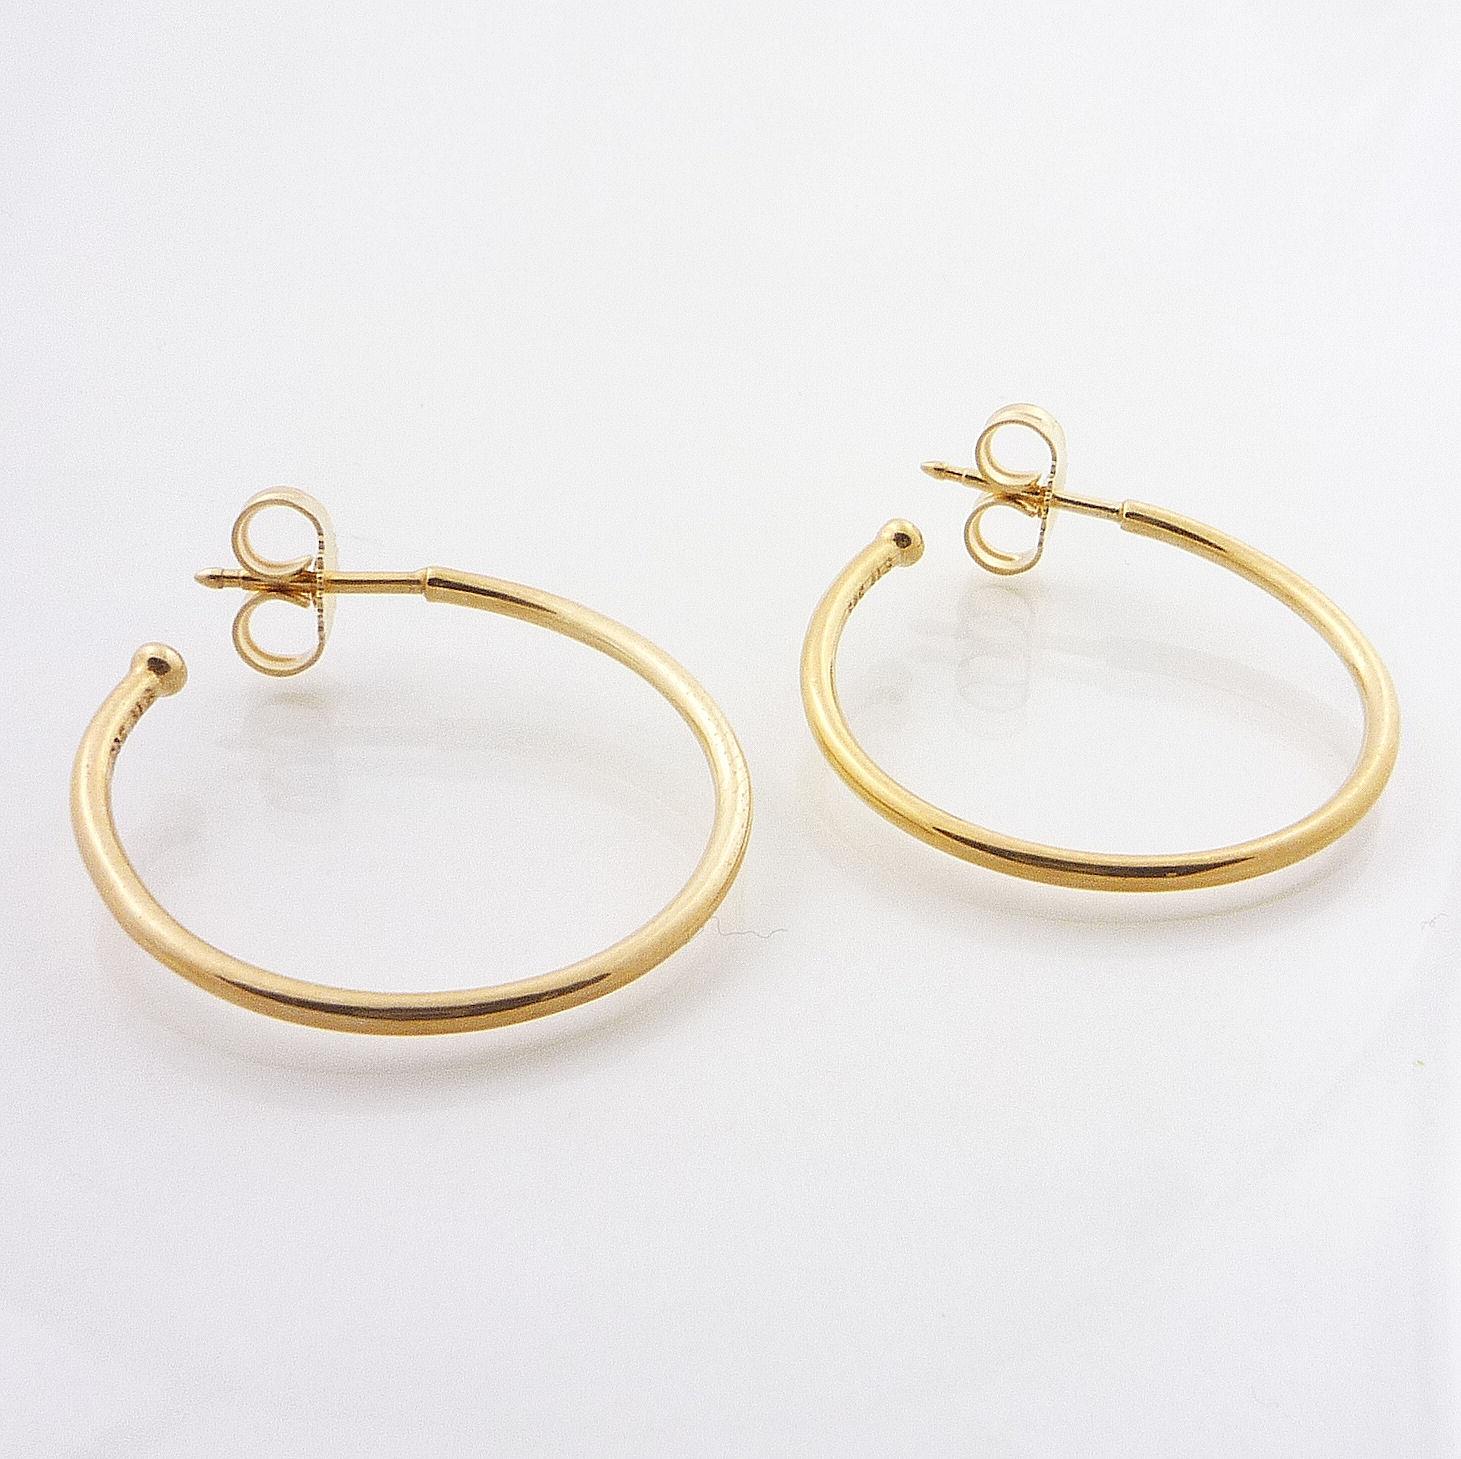 Pandora Hoop Earrings: Authentic Pandora 14K Gold Medium Smooth Hoop Earrings